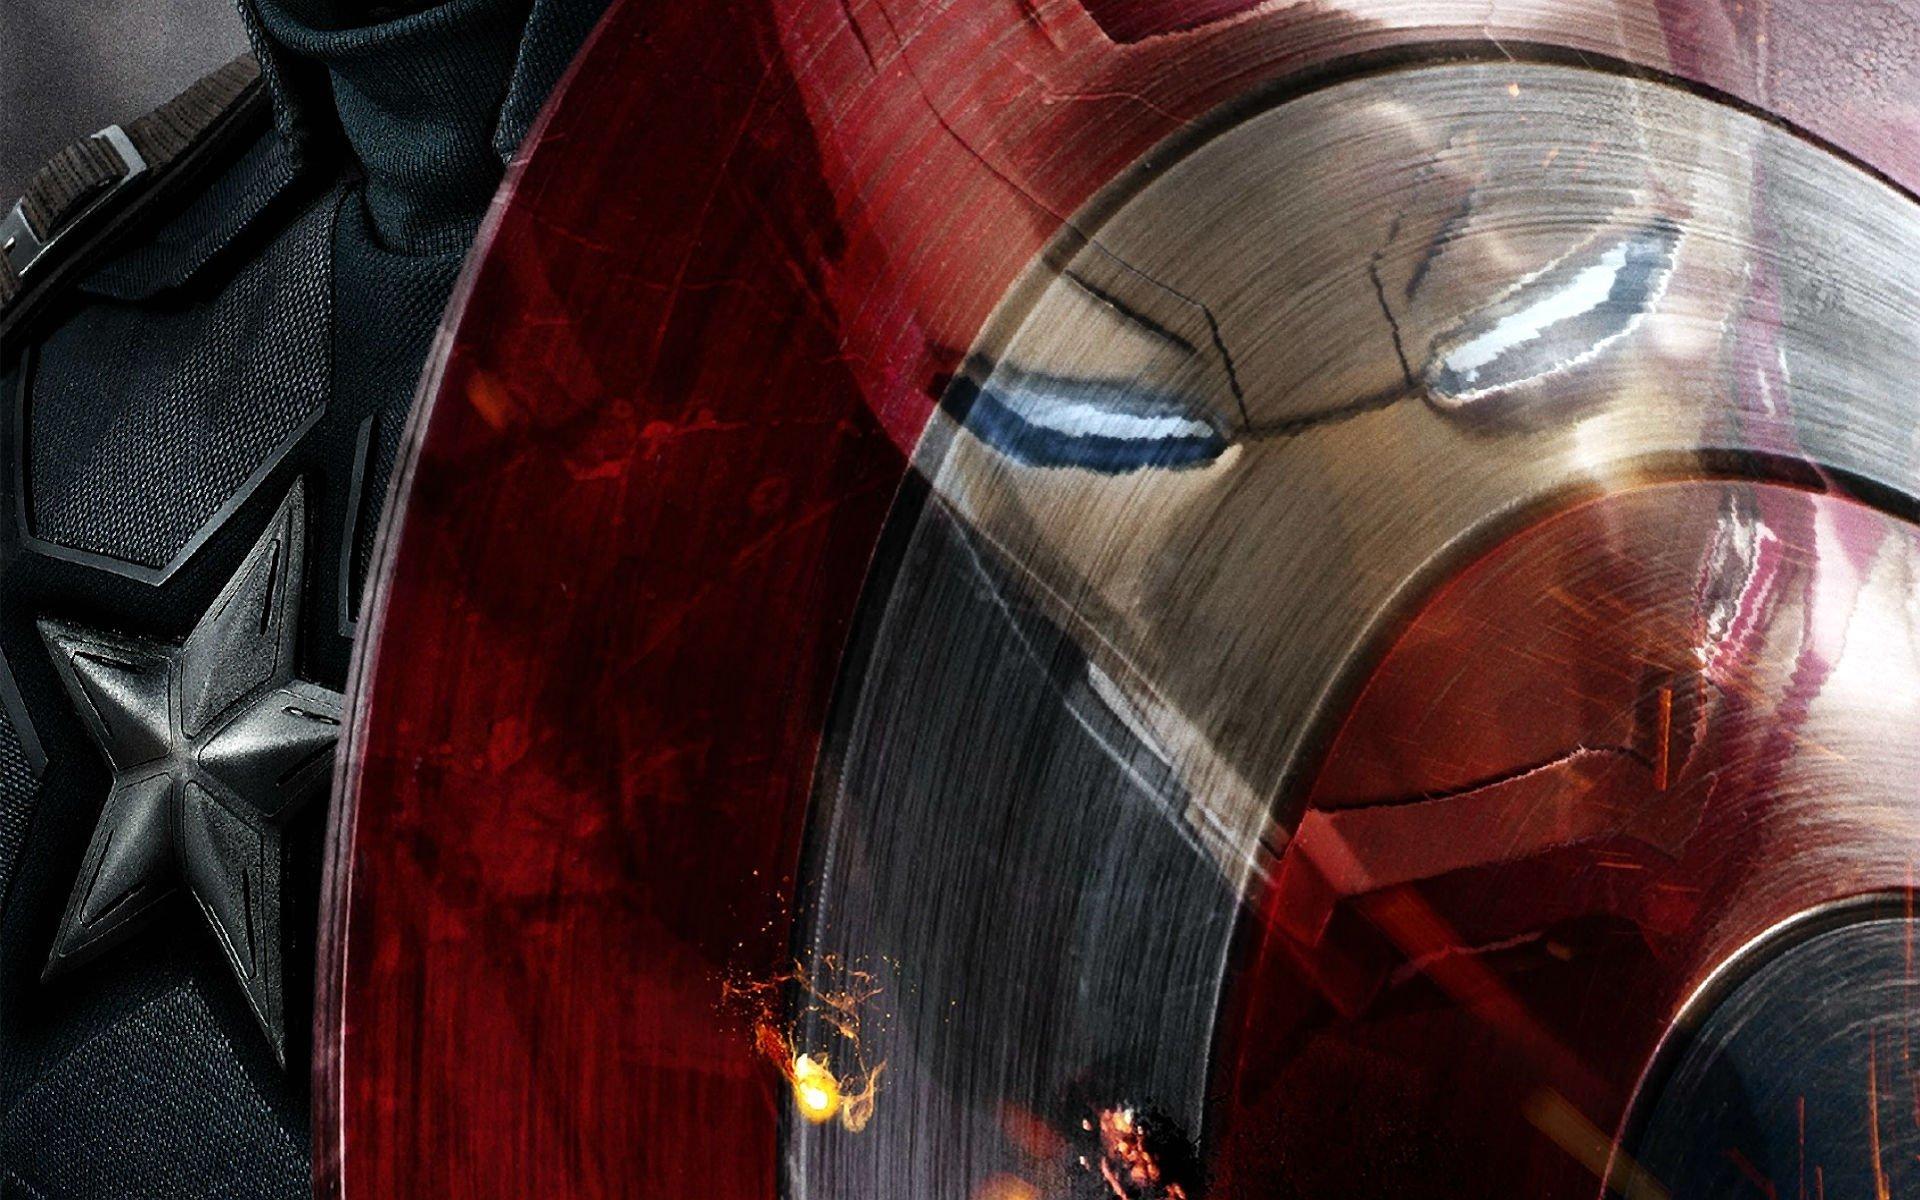 Great Wallpaper Movie Captain America Civil War - thumb-1920-699202  2018_793939.jpg